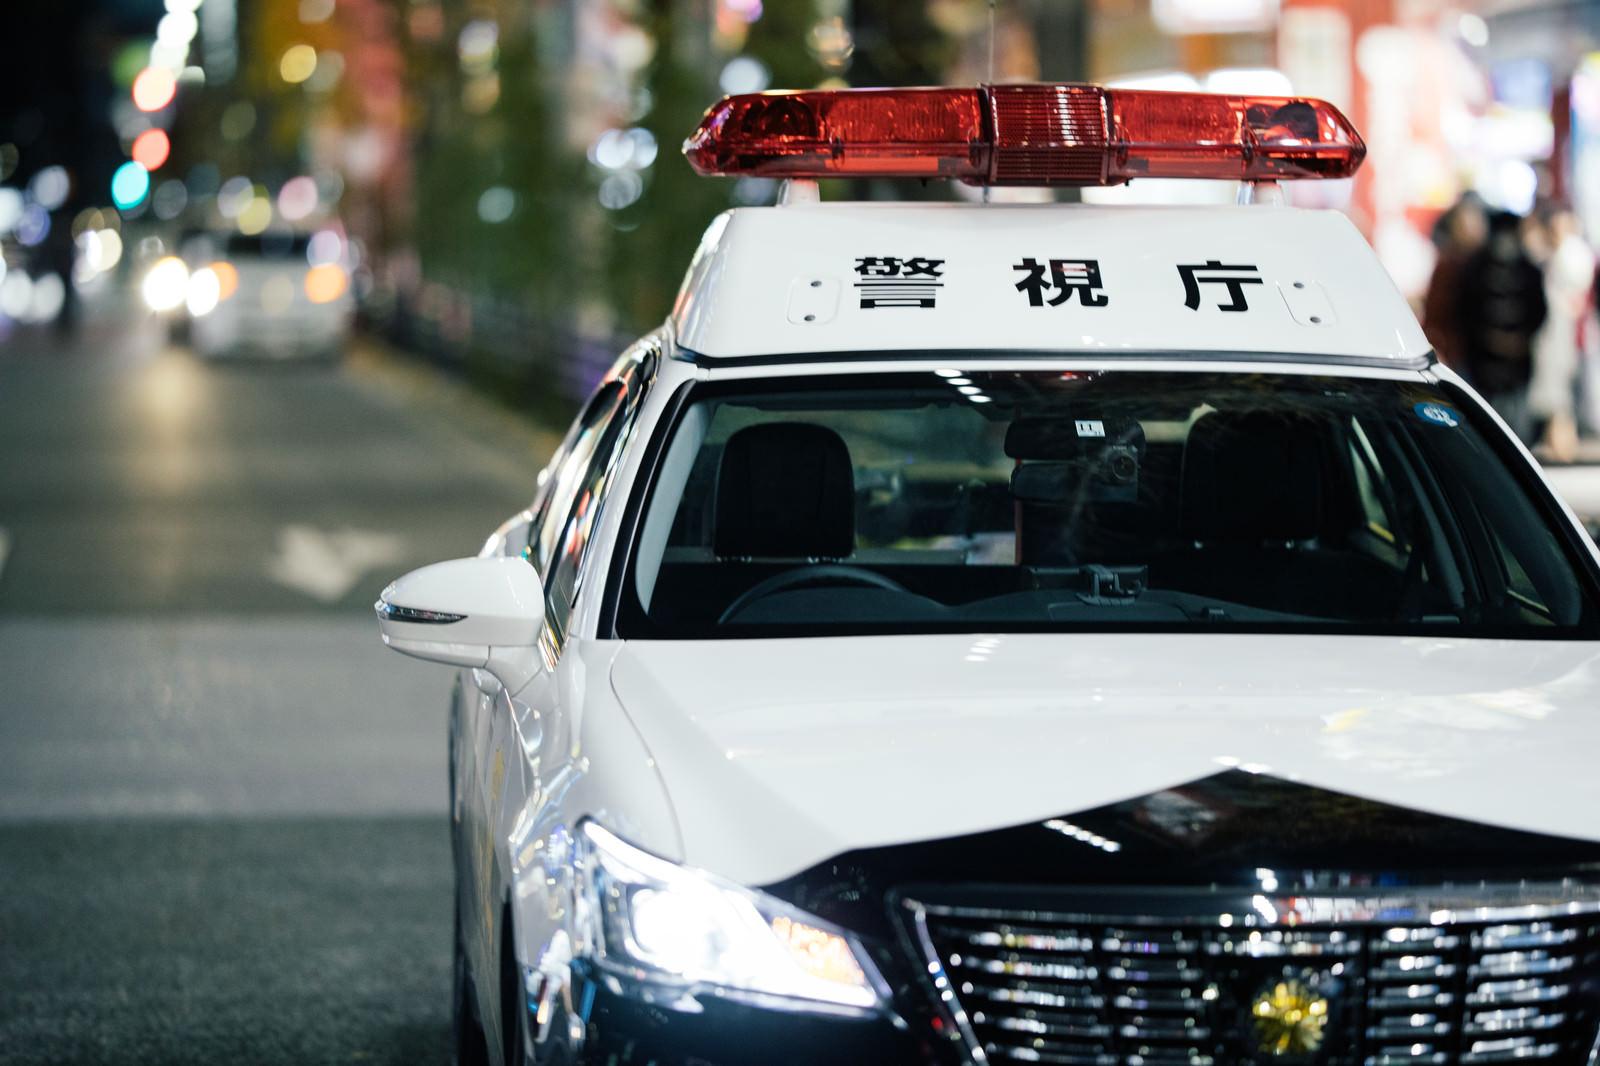 「夜のネオンと停車中の警察車両」の写真